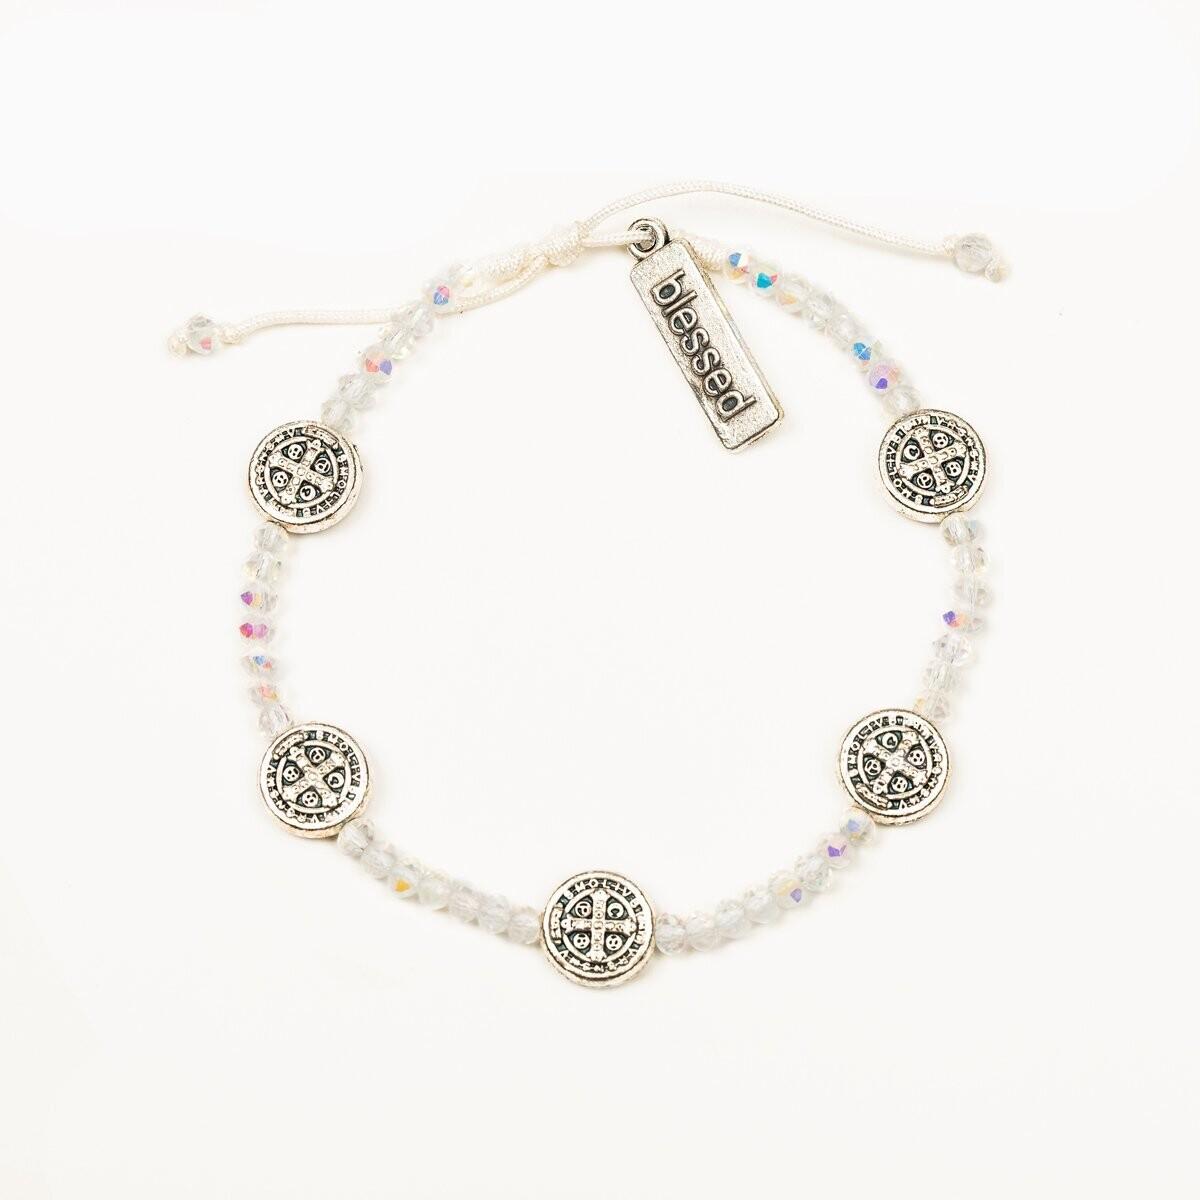 MSMH Gratitude Crystal Blessing Bracelet (Silver)